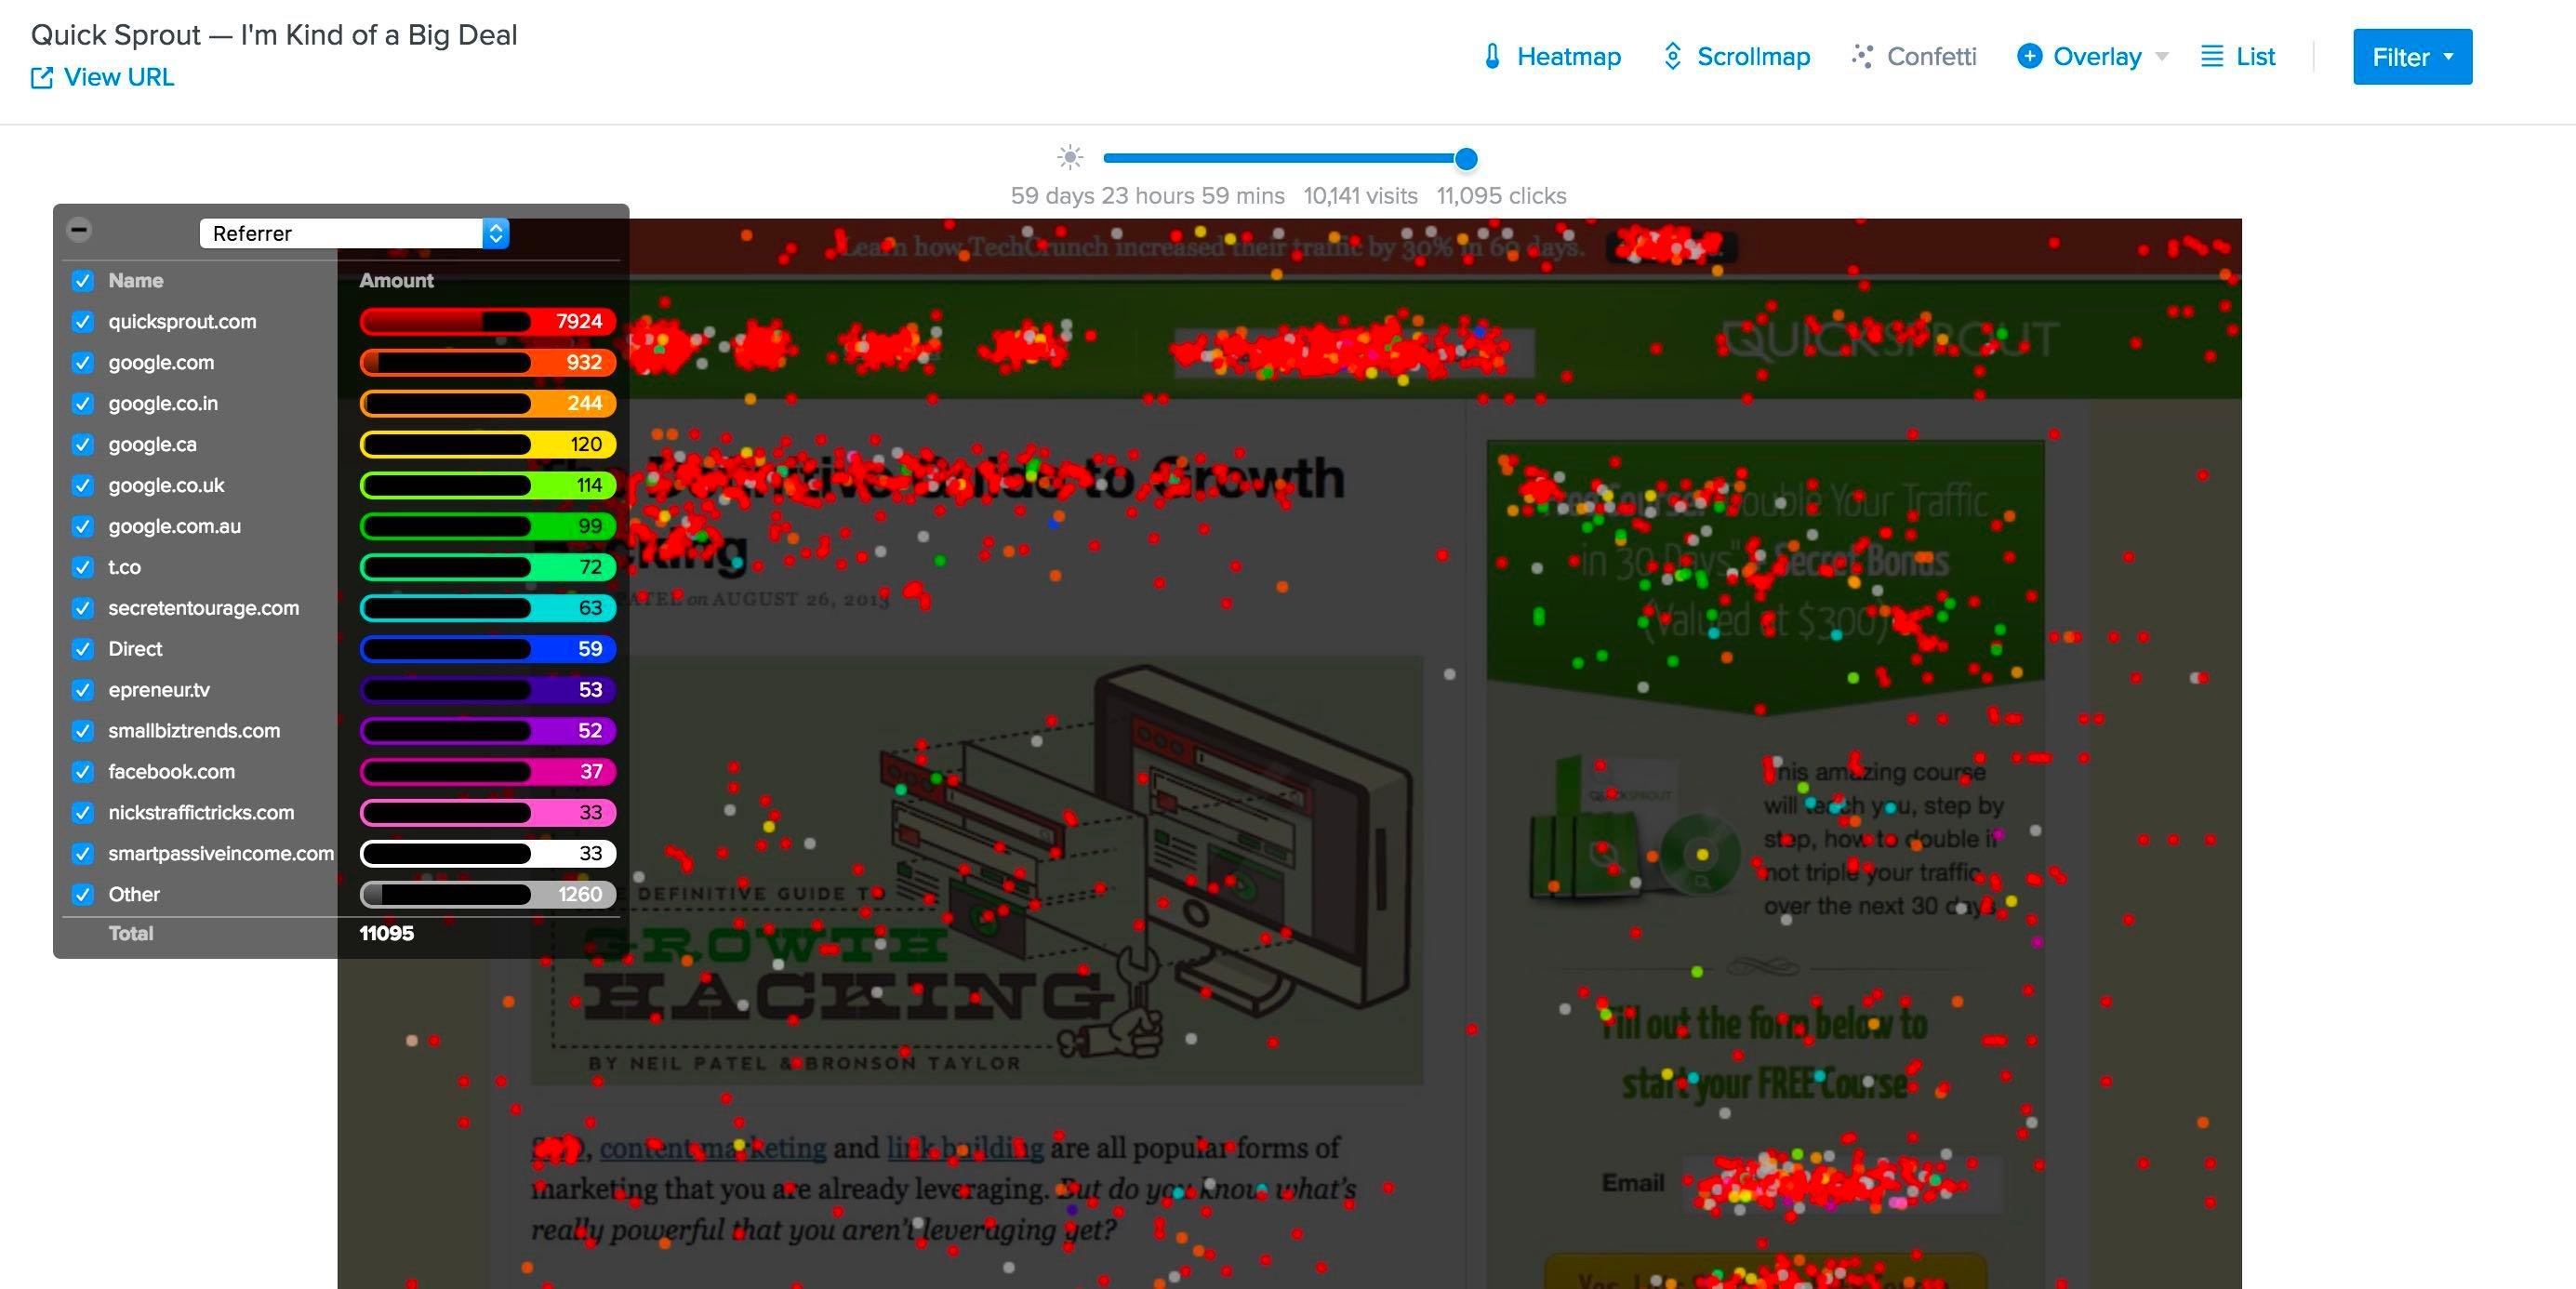 confetti-website-report-screenshot-2e790e595fbd3e40326e02a76ce3b08ddfdc8923921d598ca8654658bc6fd00e